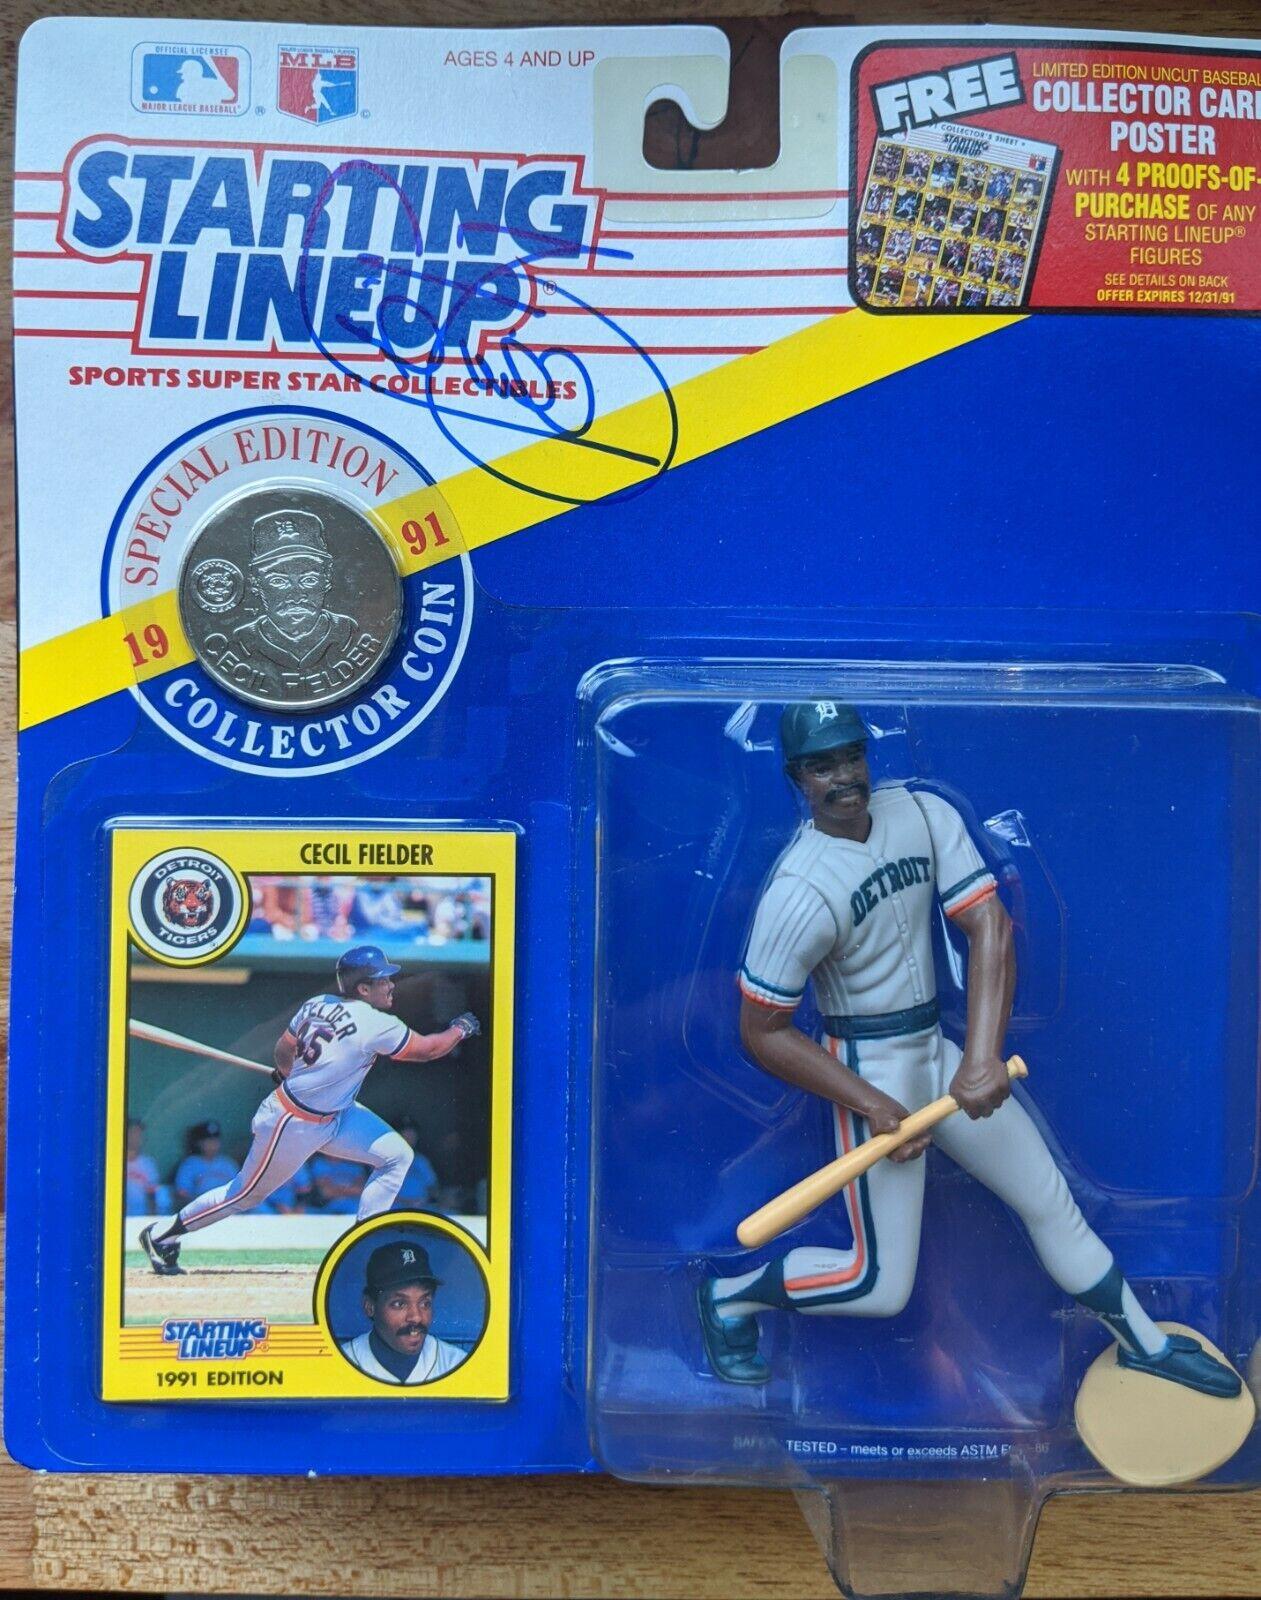 AUTOGRAFATO  Cecil Fielder estrellating Lineup 1991 Detroit Tigers con monete